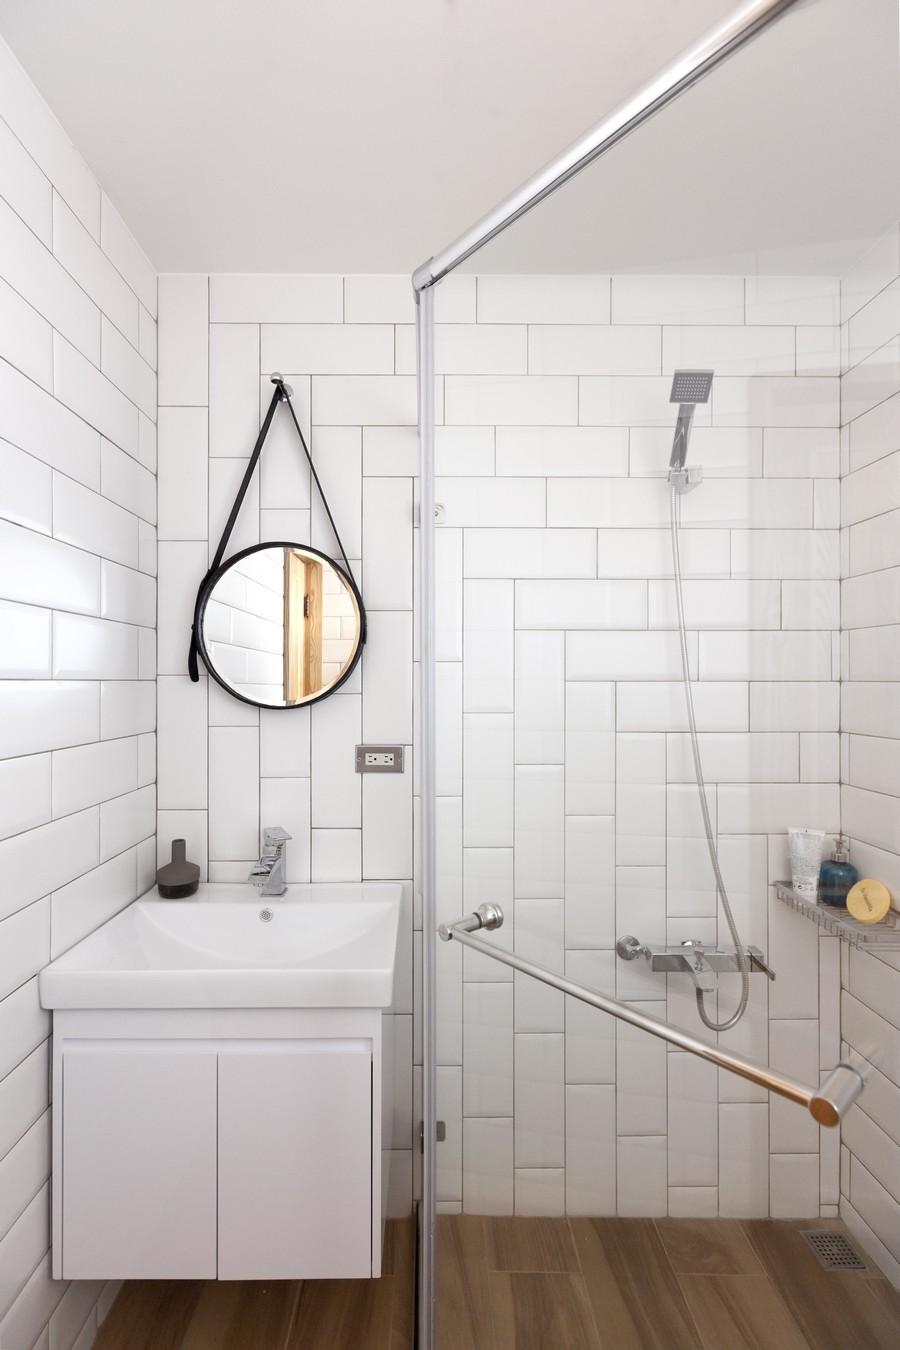 o banheiro segue a mesma linha de otimização e espaço